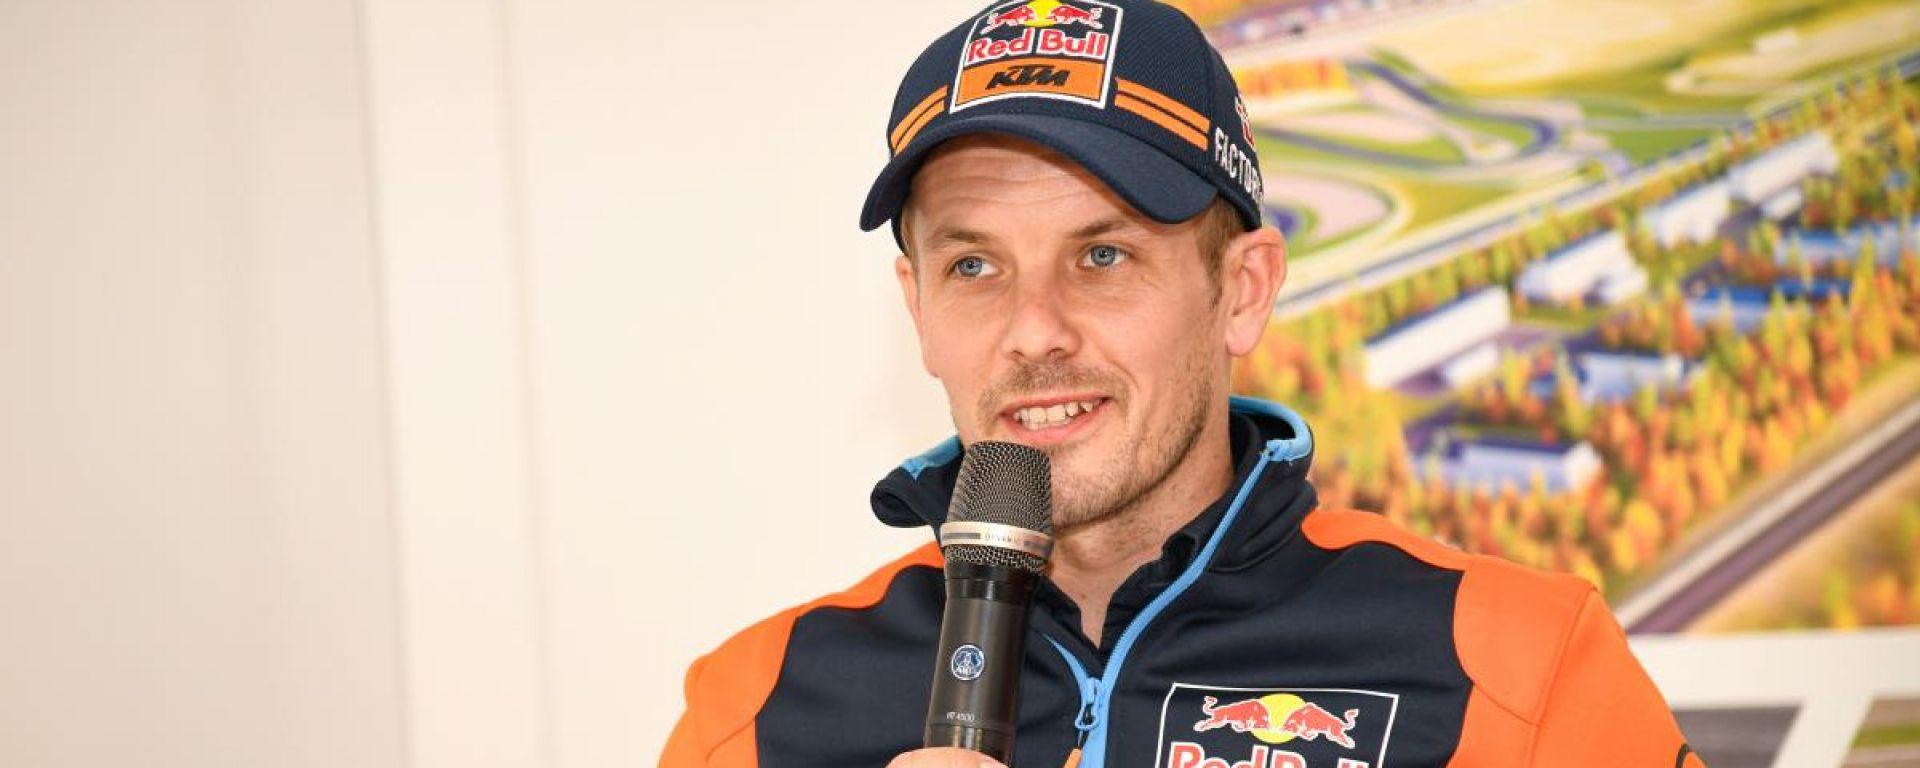 MotoGP, Mika Kallio (KTM)